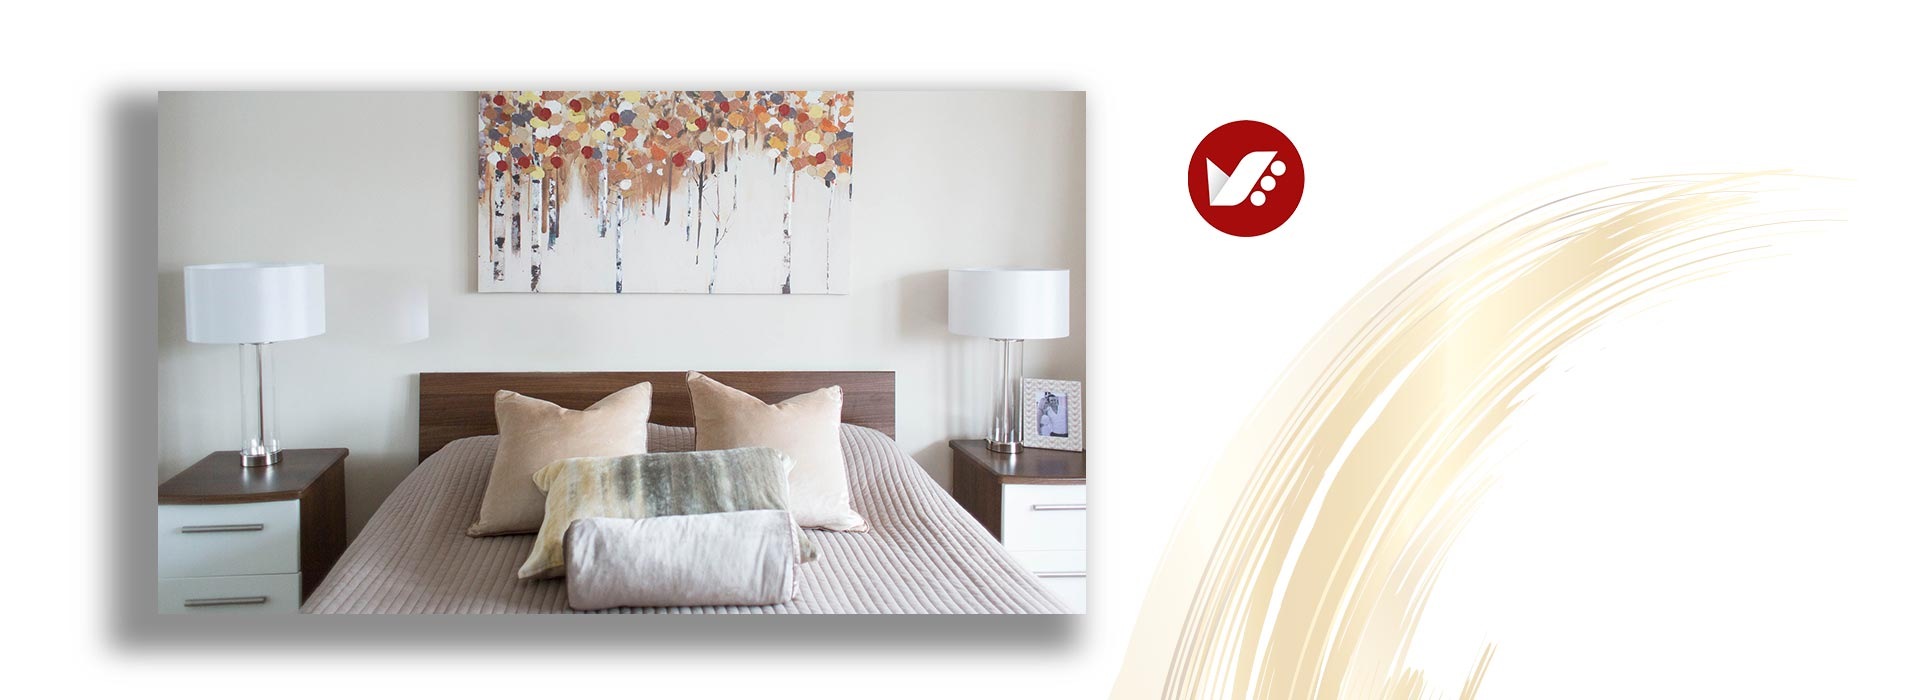 bedroom makeover 3 - تغییر دکوراسیون اتاق خواب